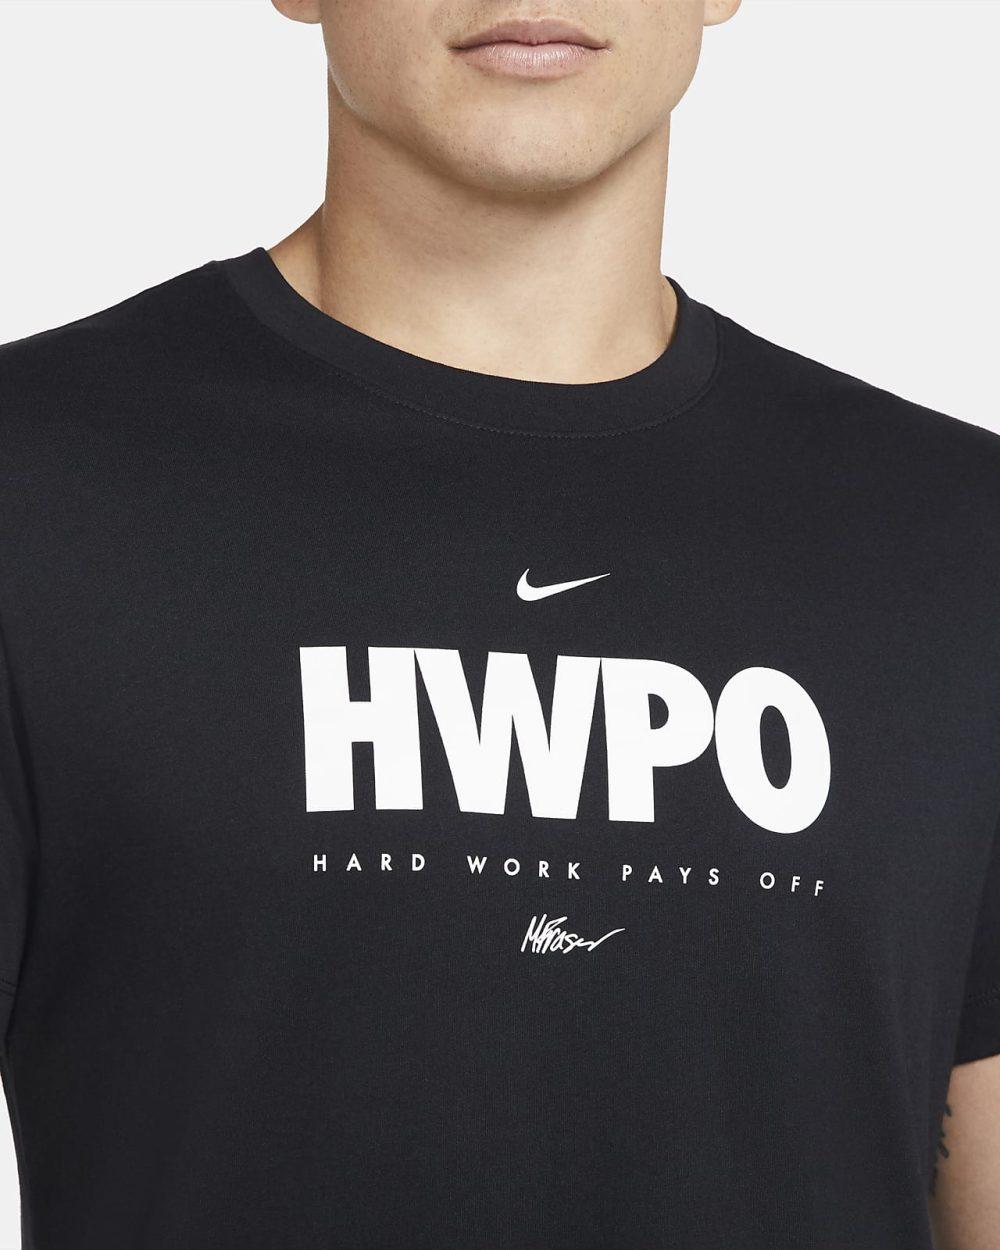 dri-fit-hwpo-training-t-shirt-735kKq (1)